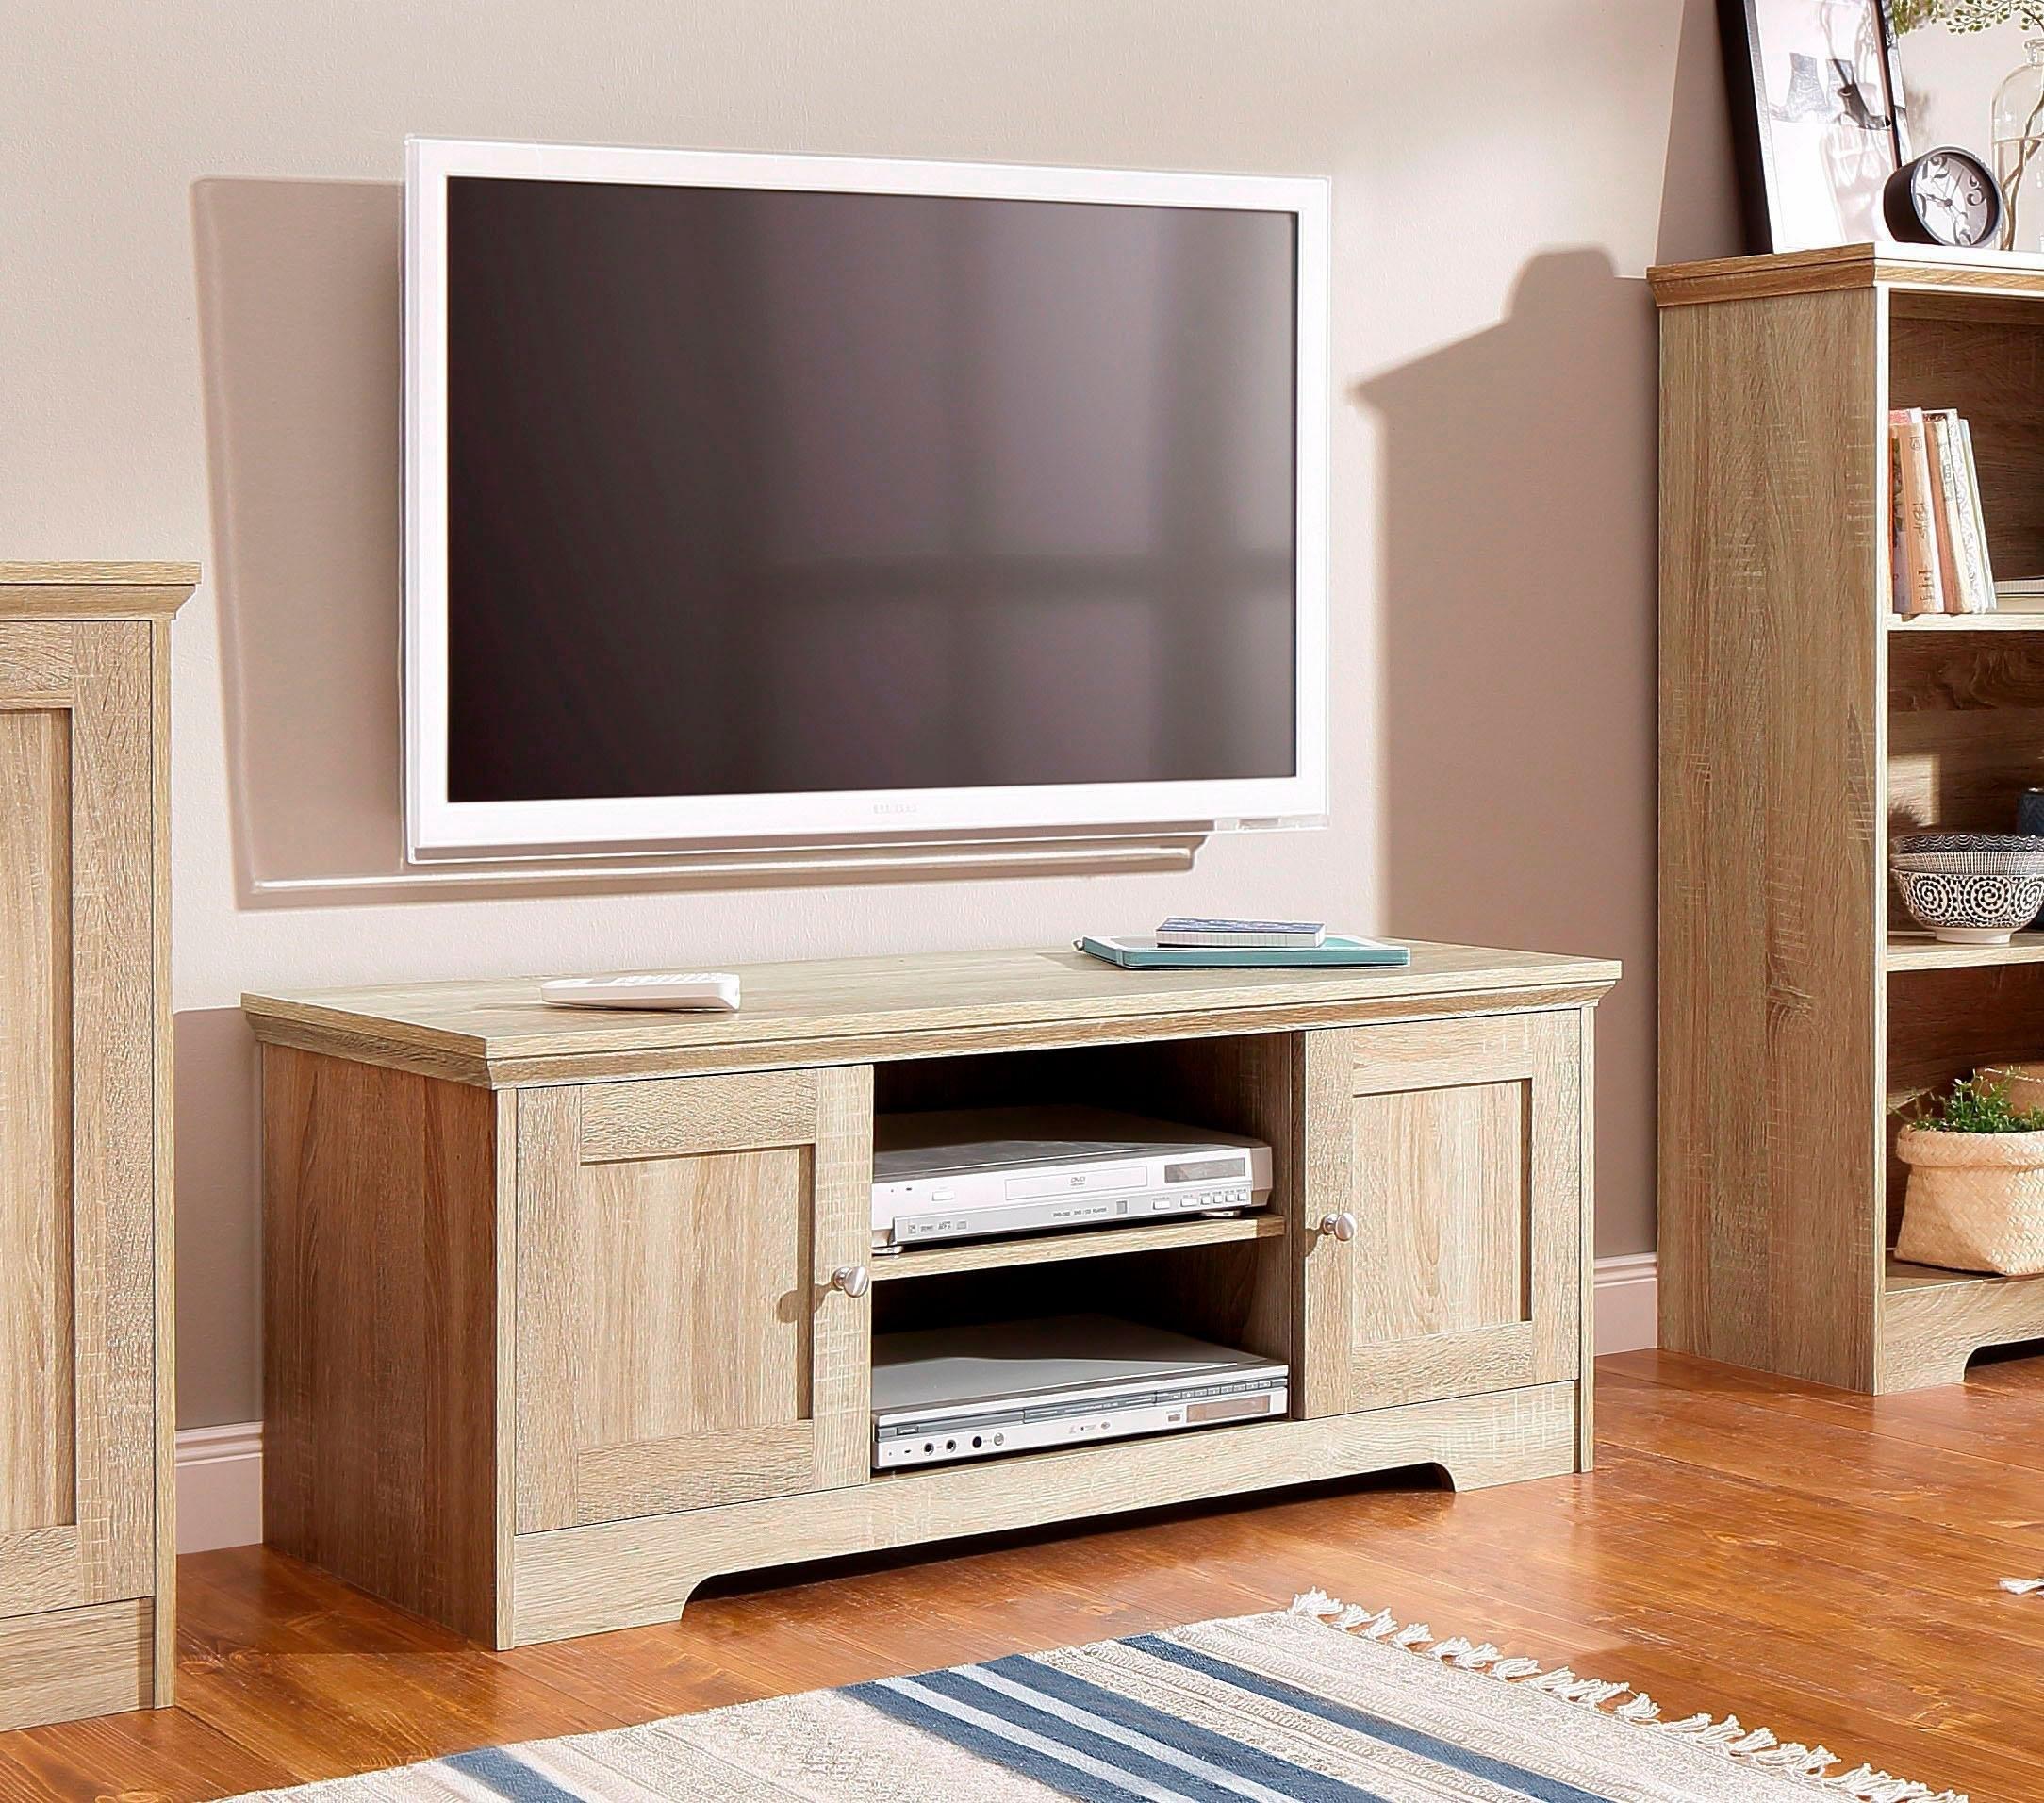 Home affaire tv-meubel Nanna met een mooi oppervlak in eiken-look, in twee verschillende breedten - gratis ruilen op otto.nl